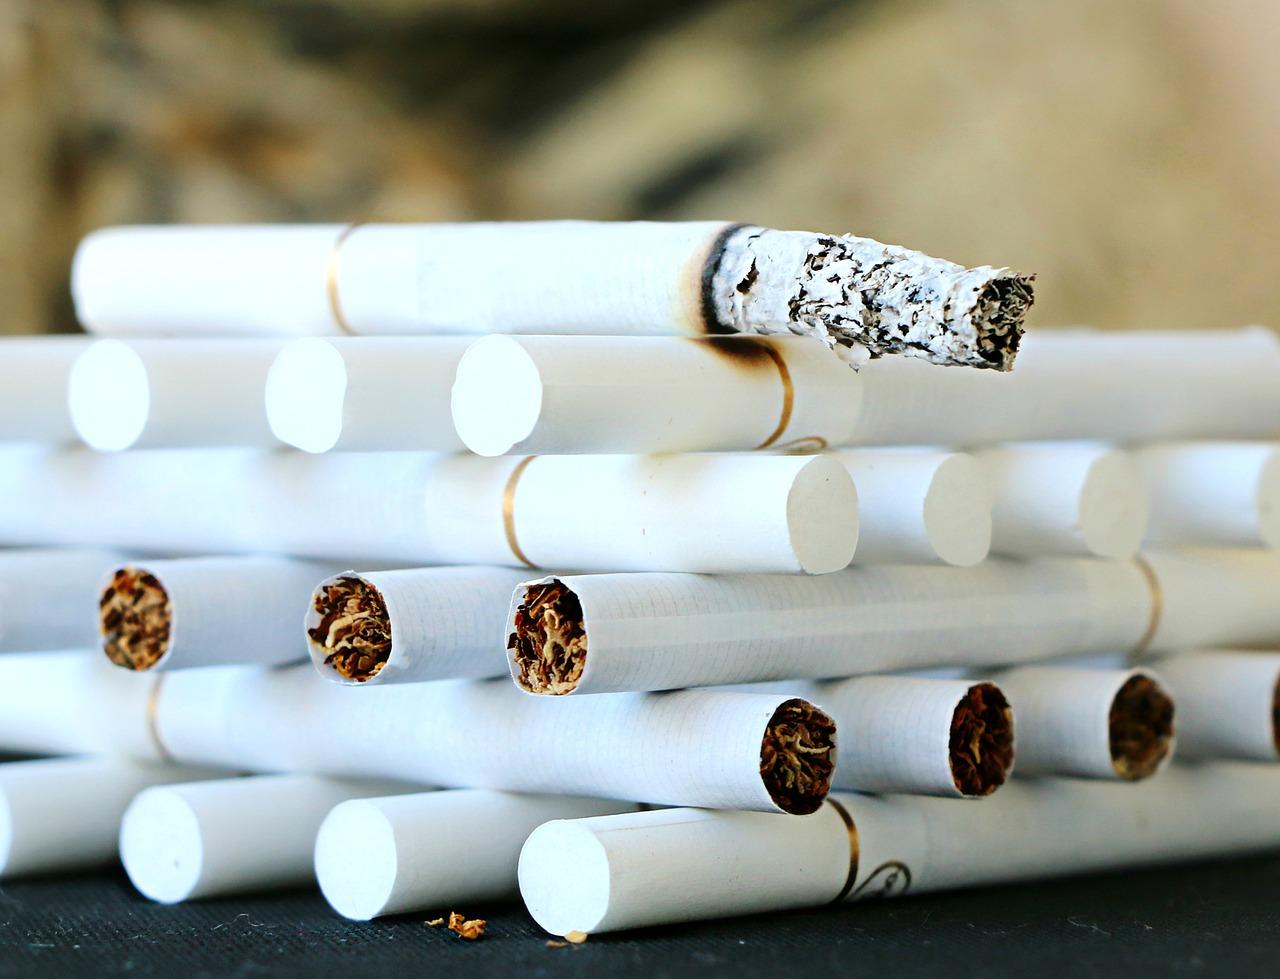 Россиян предупреждают о возможном росте цен на сигареты